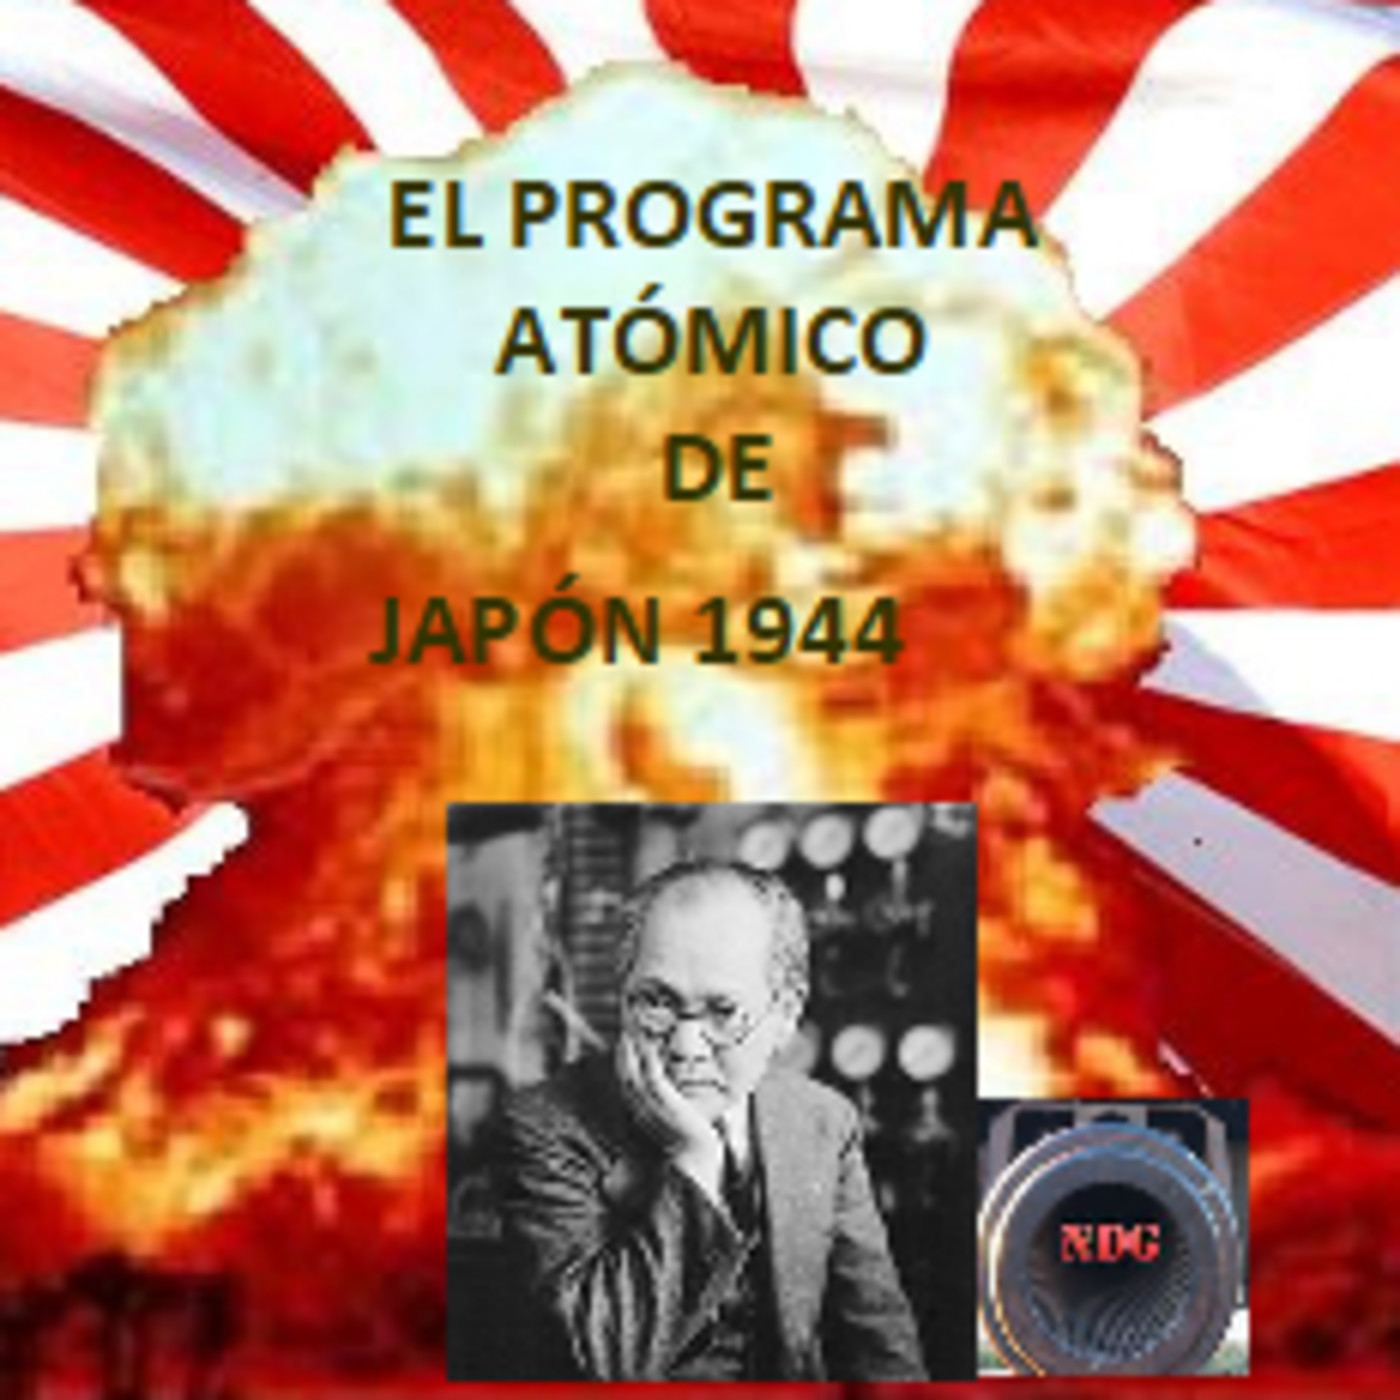 NdG #66 El programa atómico de Japón 1944